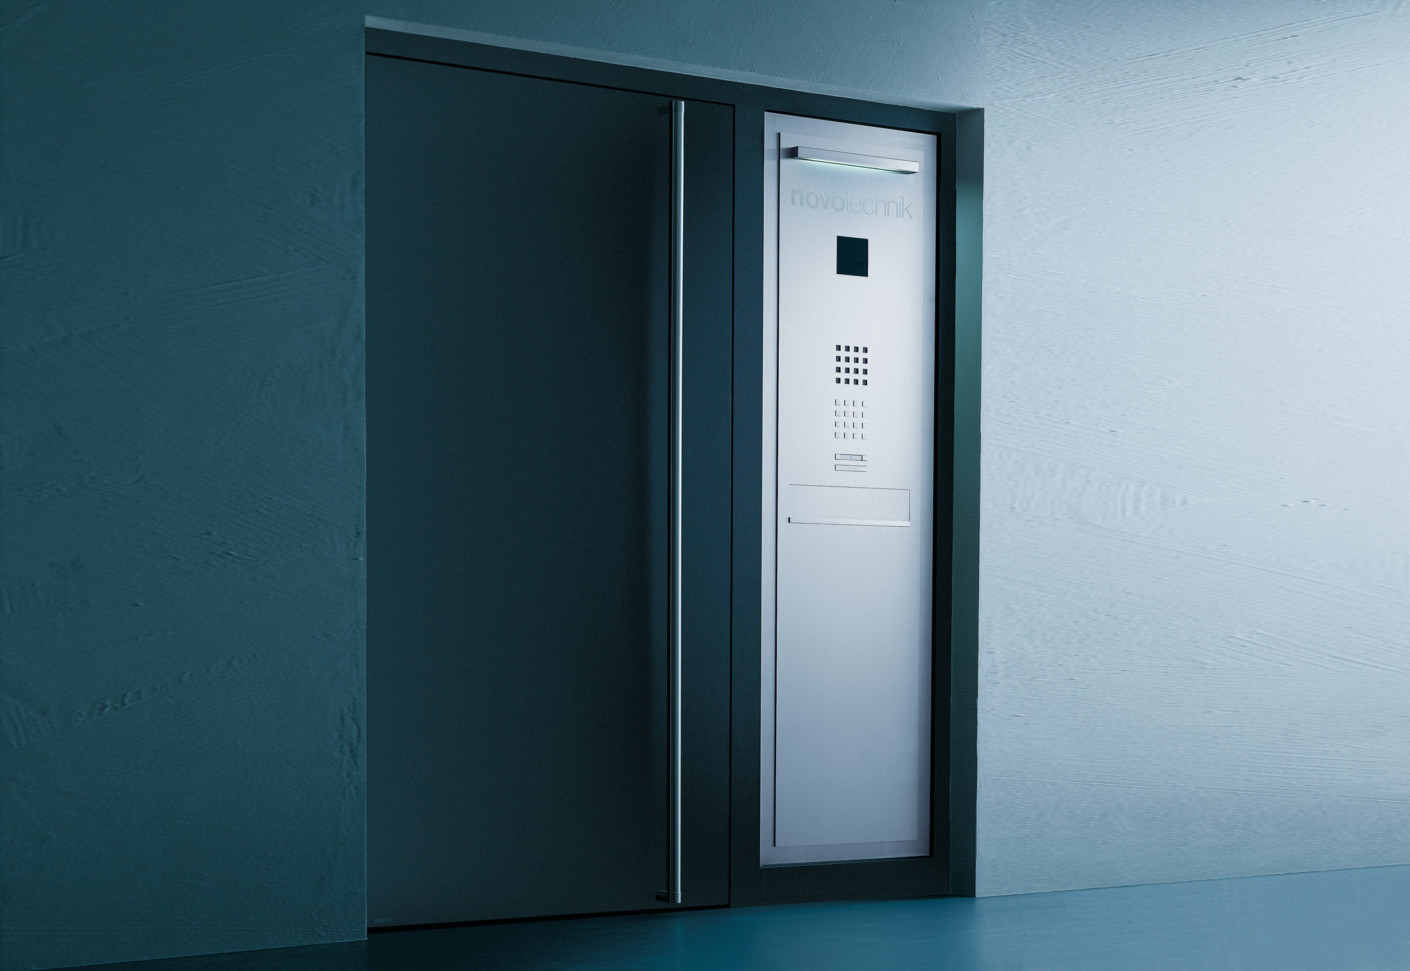 letterbox door letterbox cowl visor guard home secure. Black Bedroom Furniture Sets. Home Design Ideas